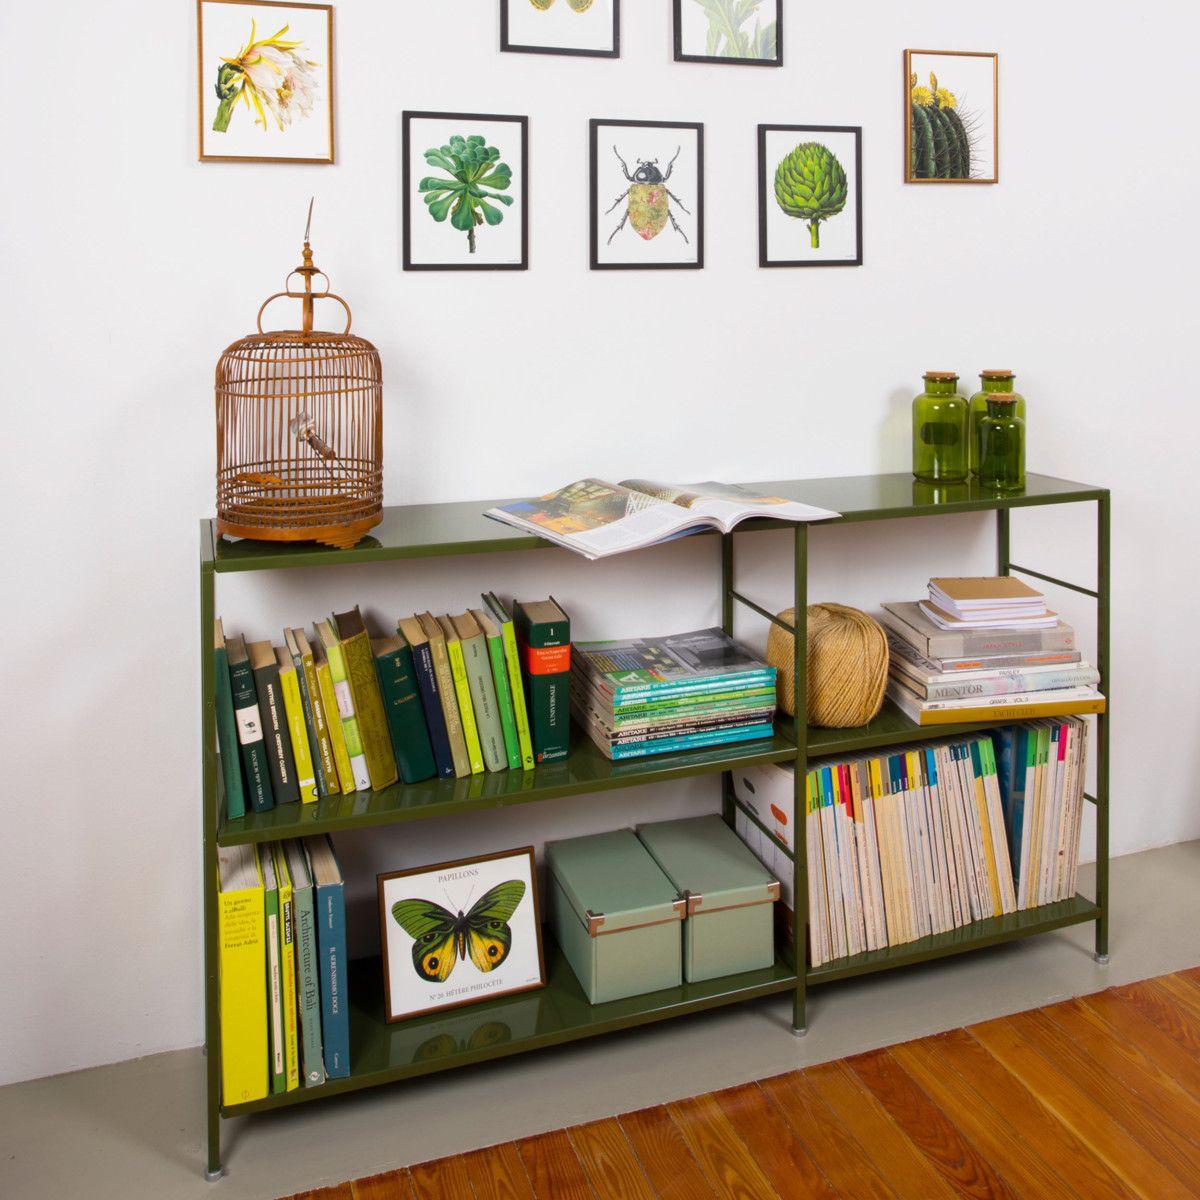 Pin von ladendirekt auf Regale | Pinterest | Wohnzimmer regal, Regal ...